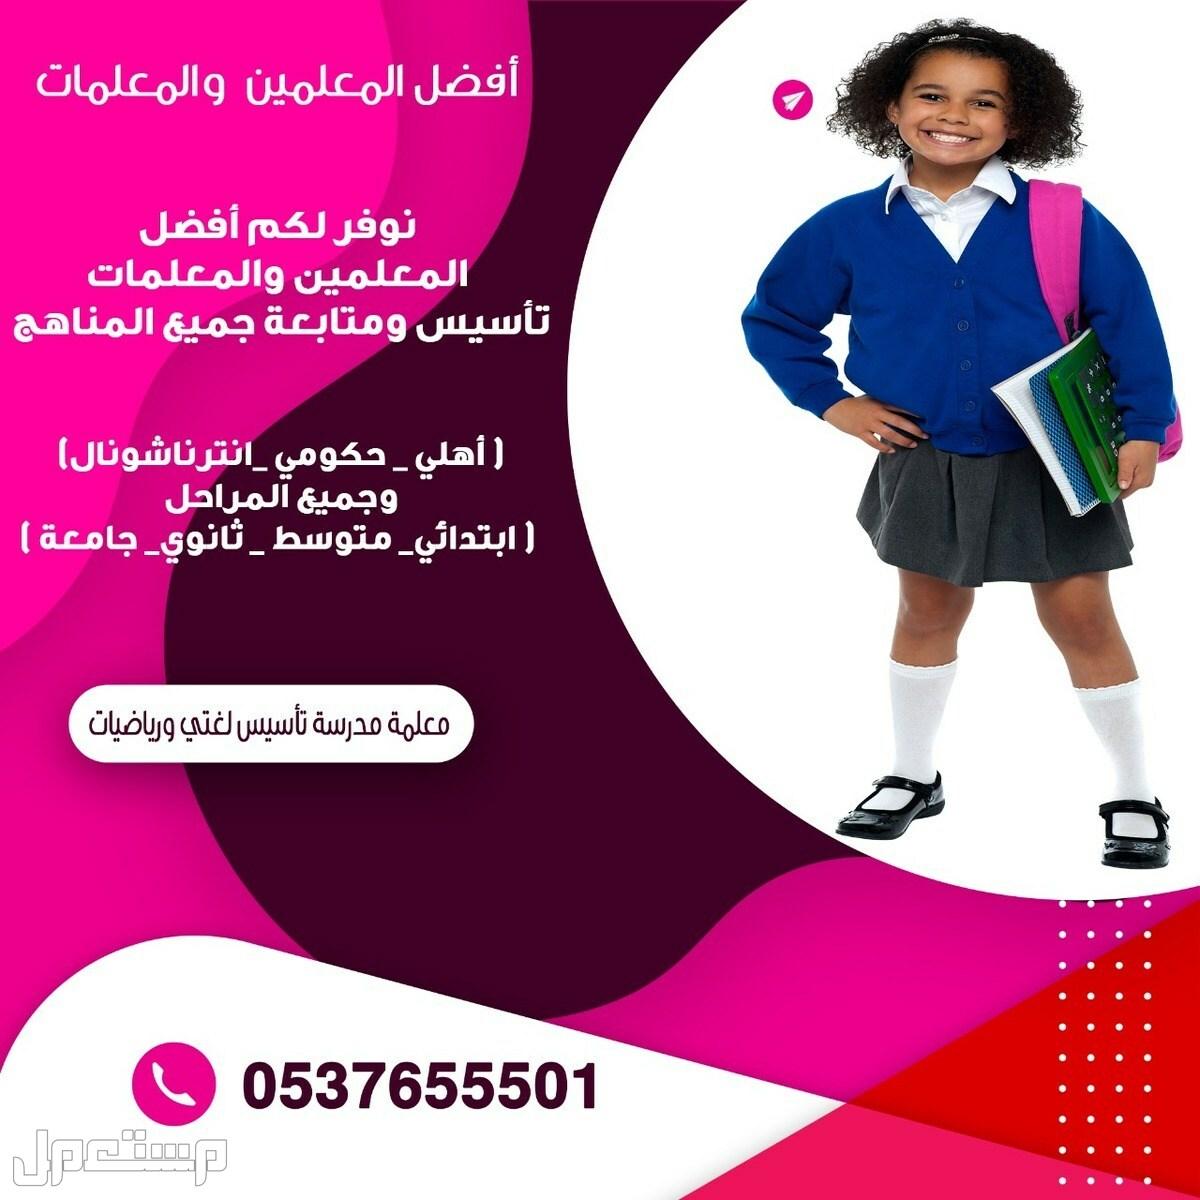 معلمة ومدرسة انجليزي بالدمام تجي للبيت معلمة ومدرسة انجليزي بالدمام تجي للبيت 0537655501